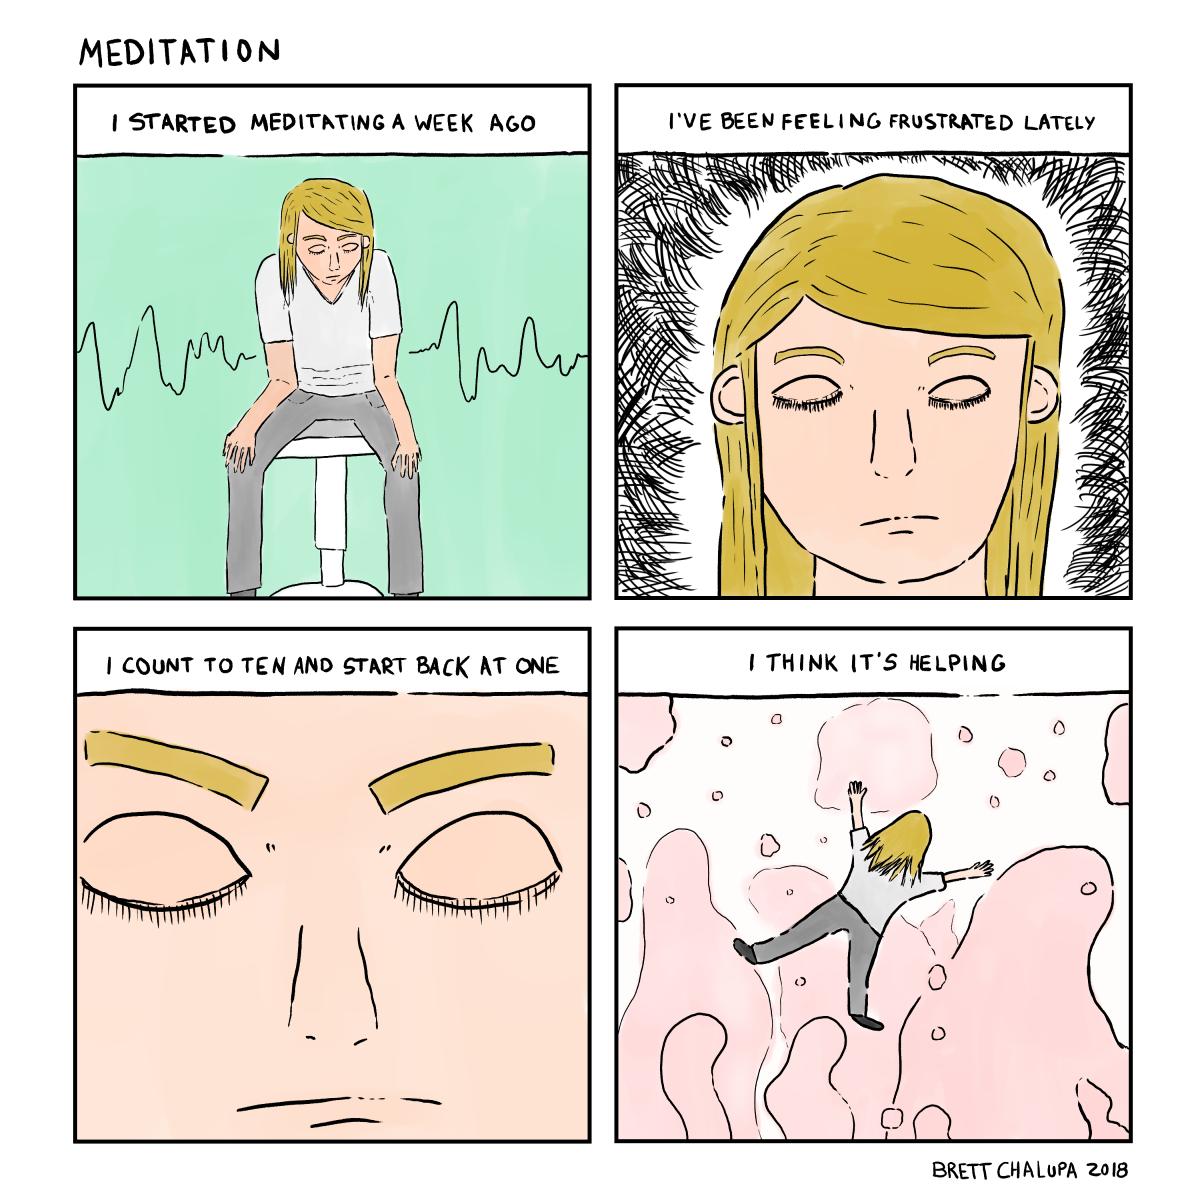 2018-05-05 - Meditation - Medium.jpg